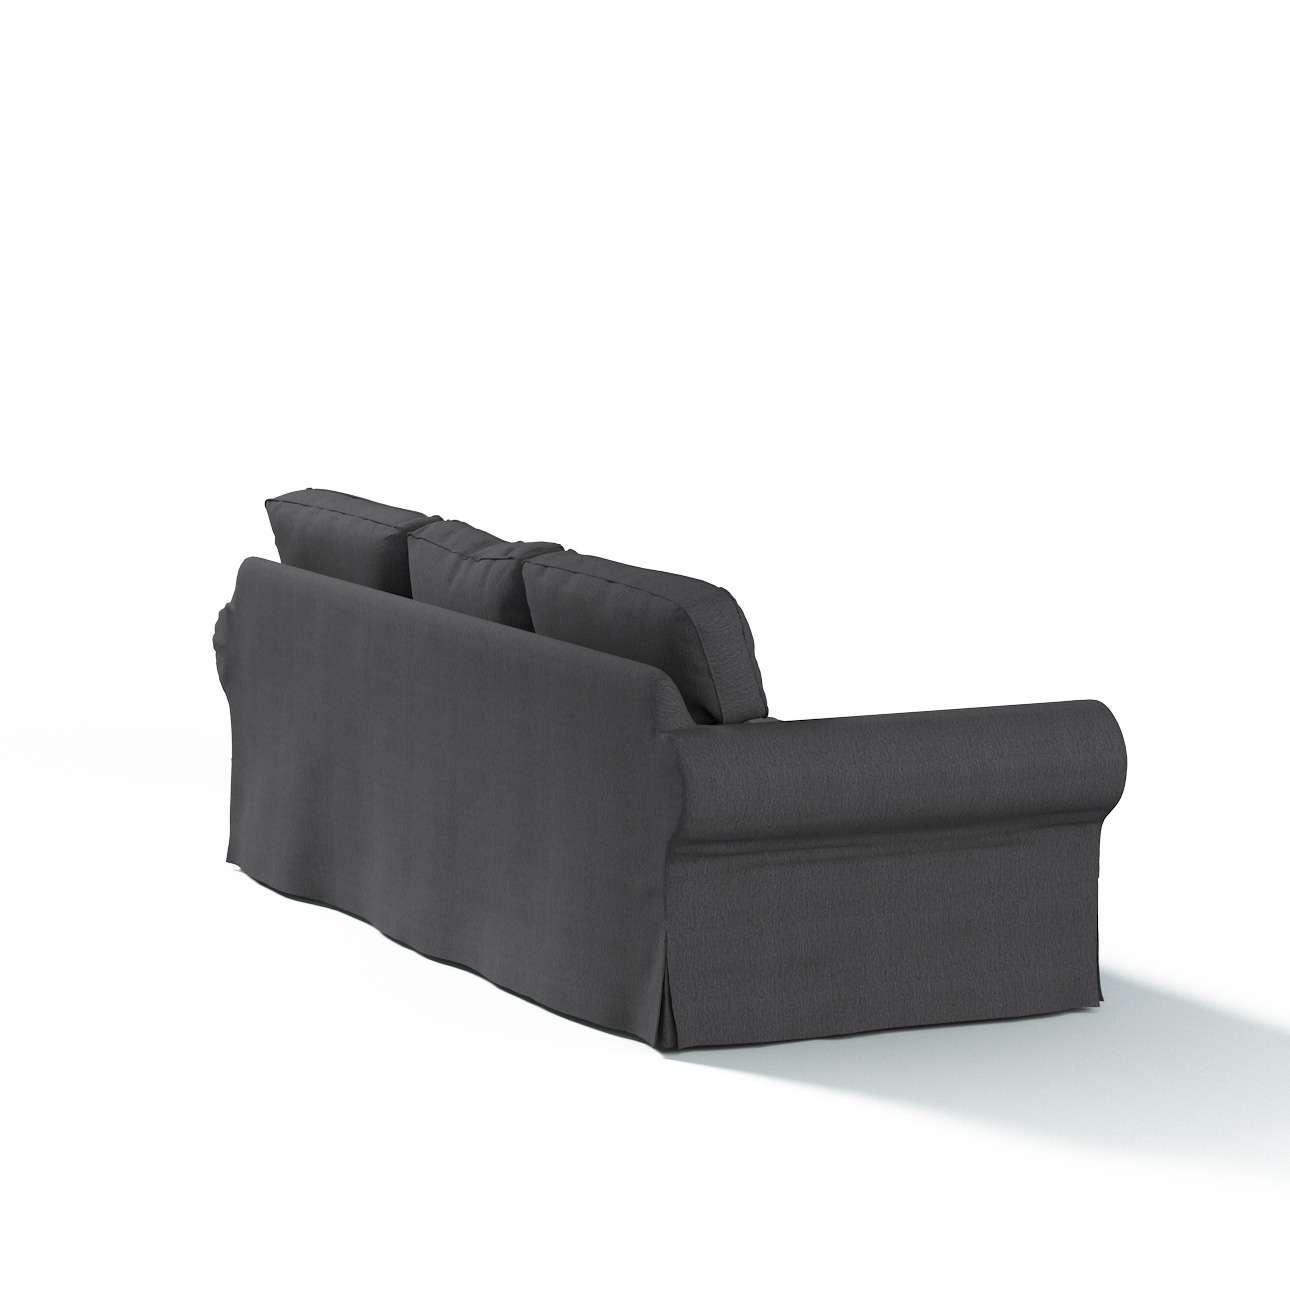 Pokrowiec na sofę Ektorp 3-osobową, rozkładaną, PIXBO w kolekcji Chenille, tkanina: 702-20